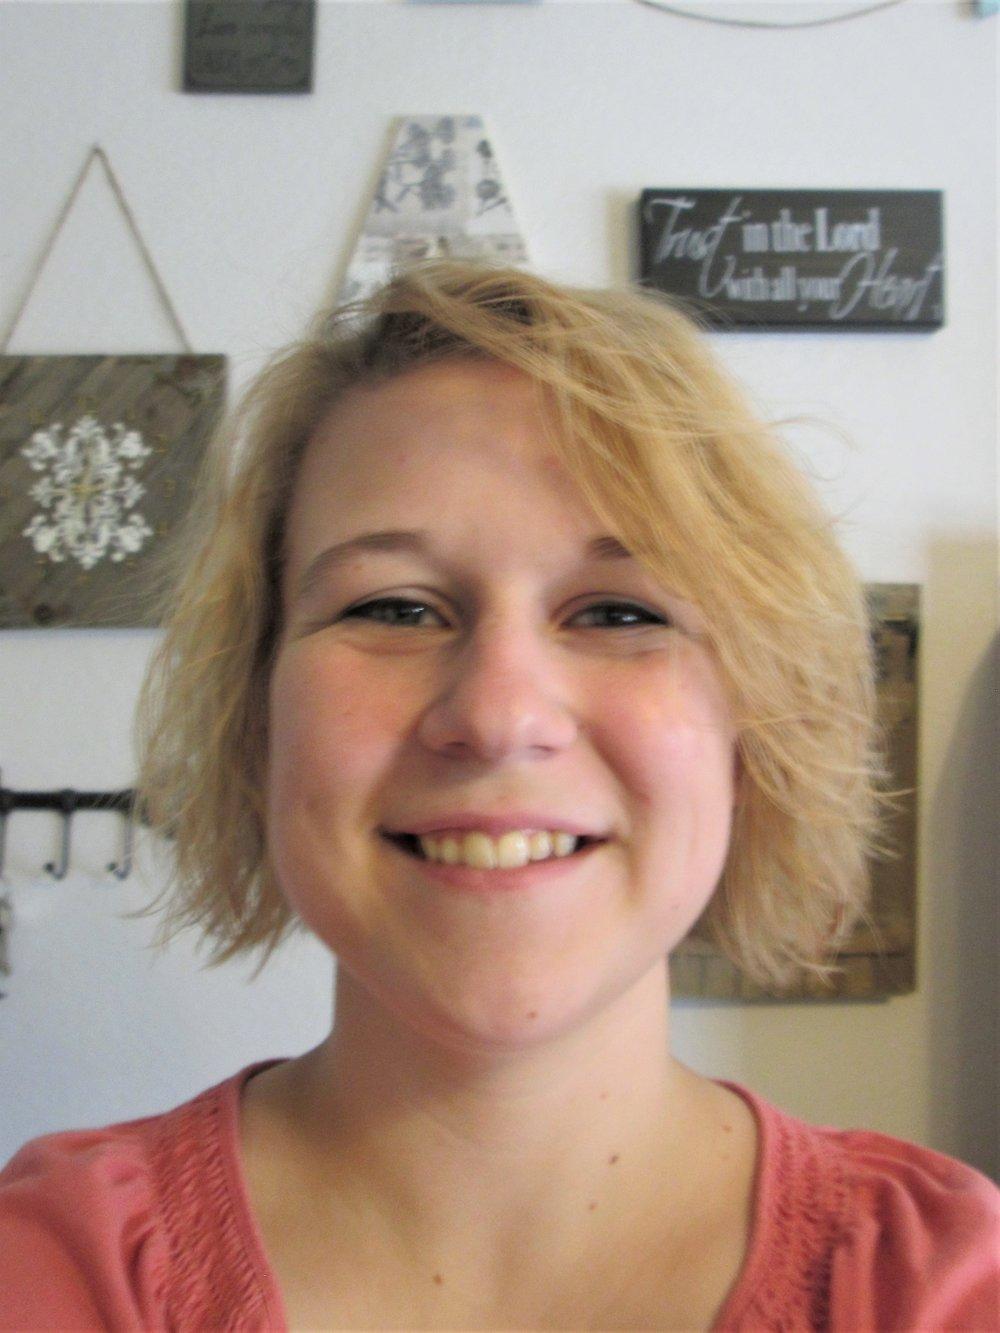 Teacher Amanda Janson